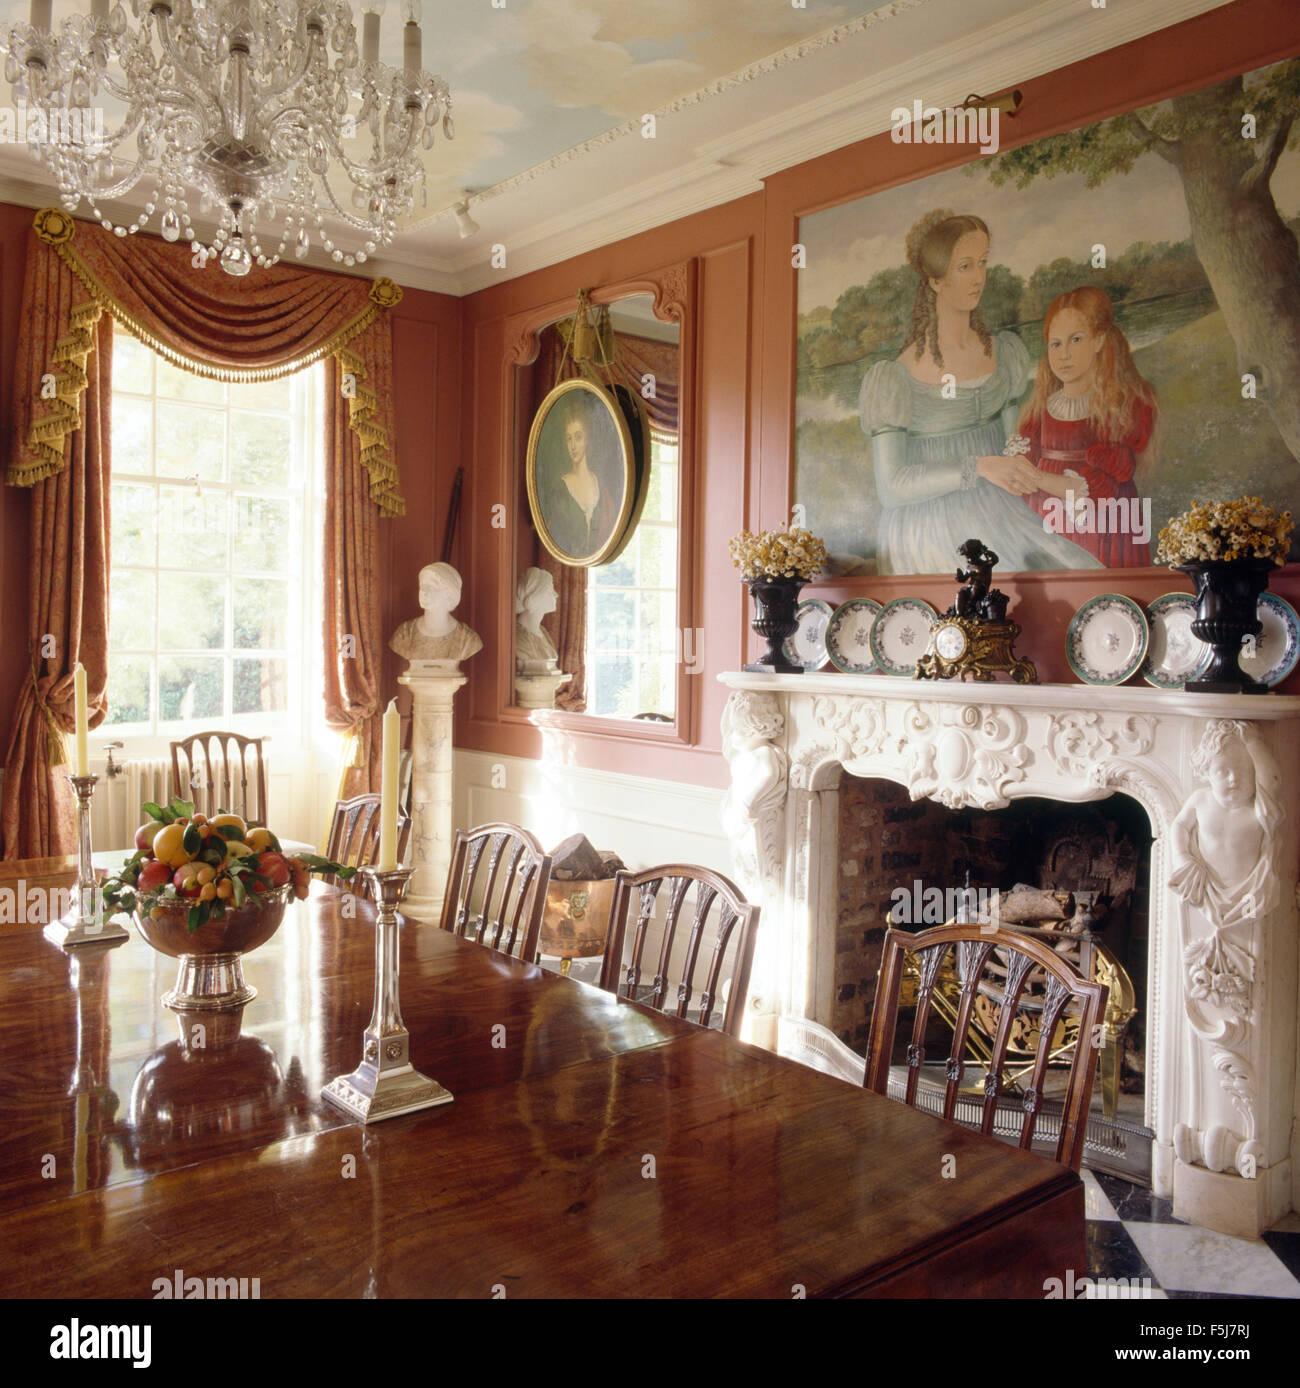 High Quality Große Gemälde An Der Wand über Dem Reich Verzierten Kamin Im Esszimmer Der  Opulenten Achtziger Jahre